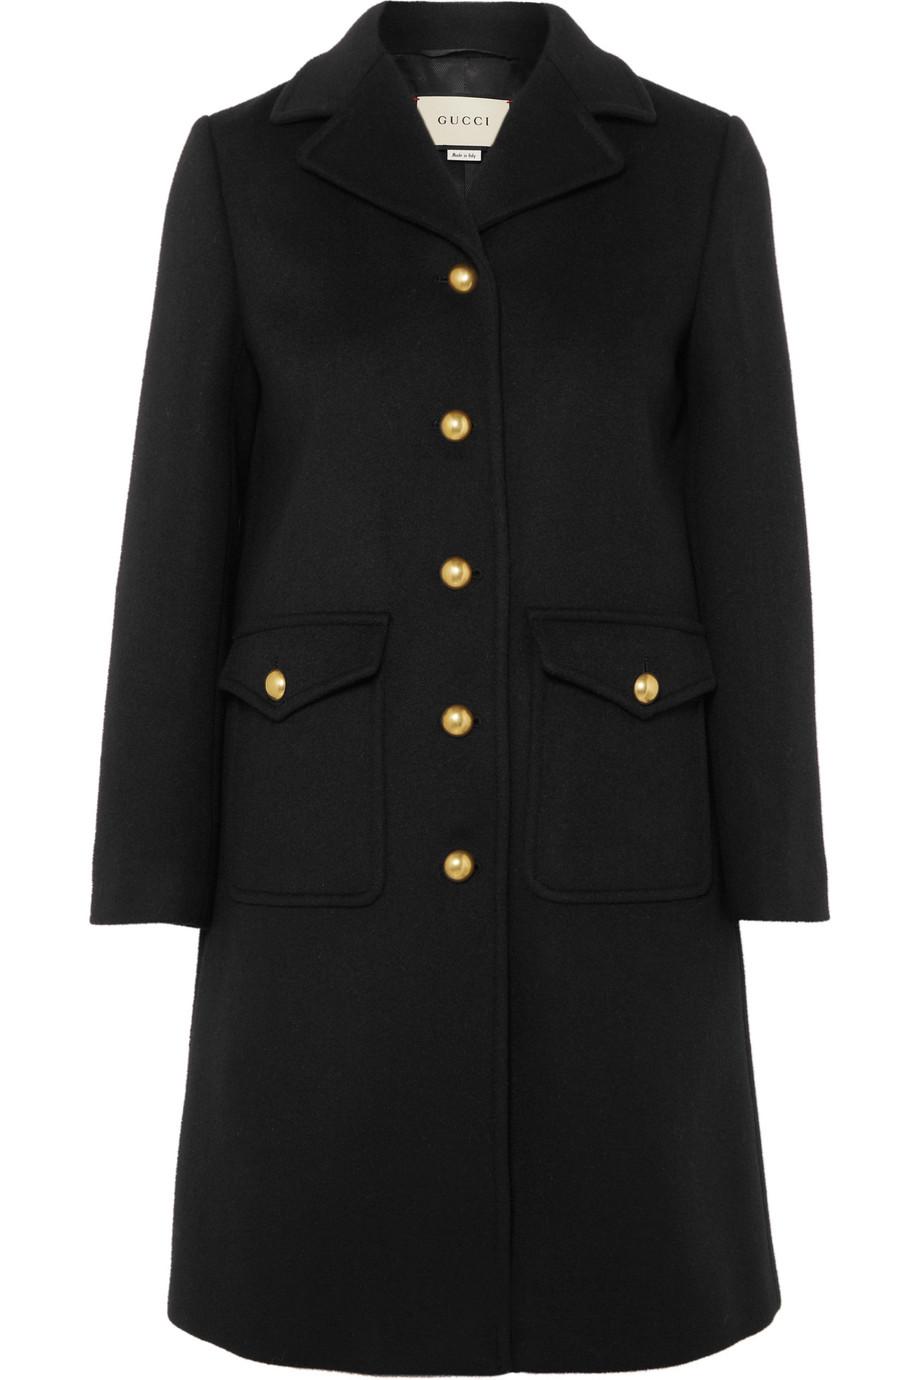 GUCCI Embellished wool-felt coat, £1,800